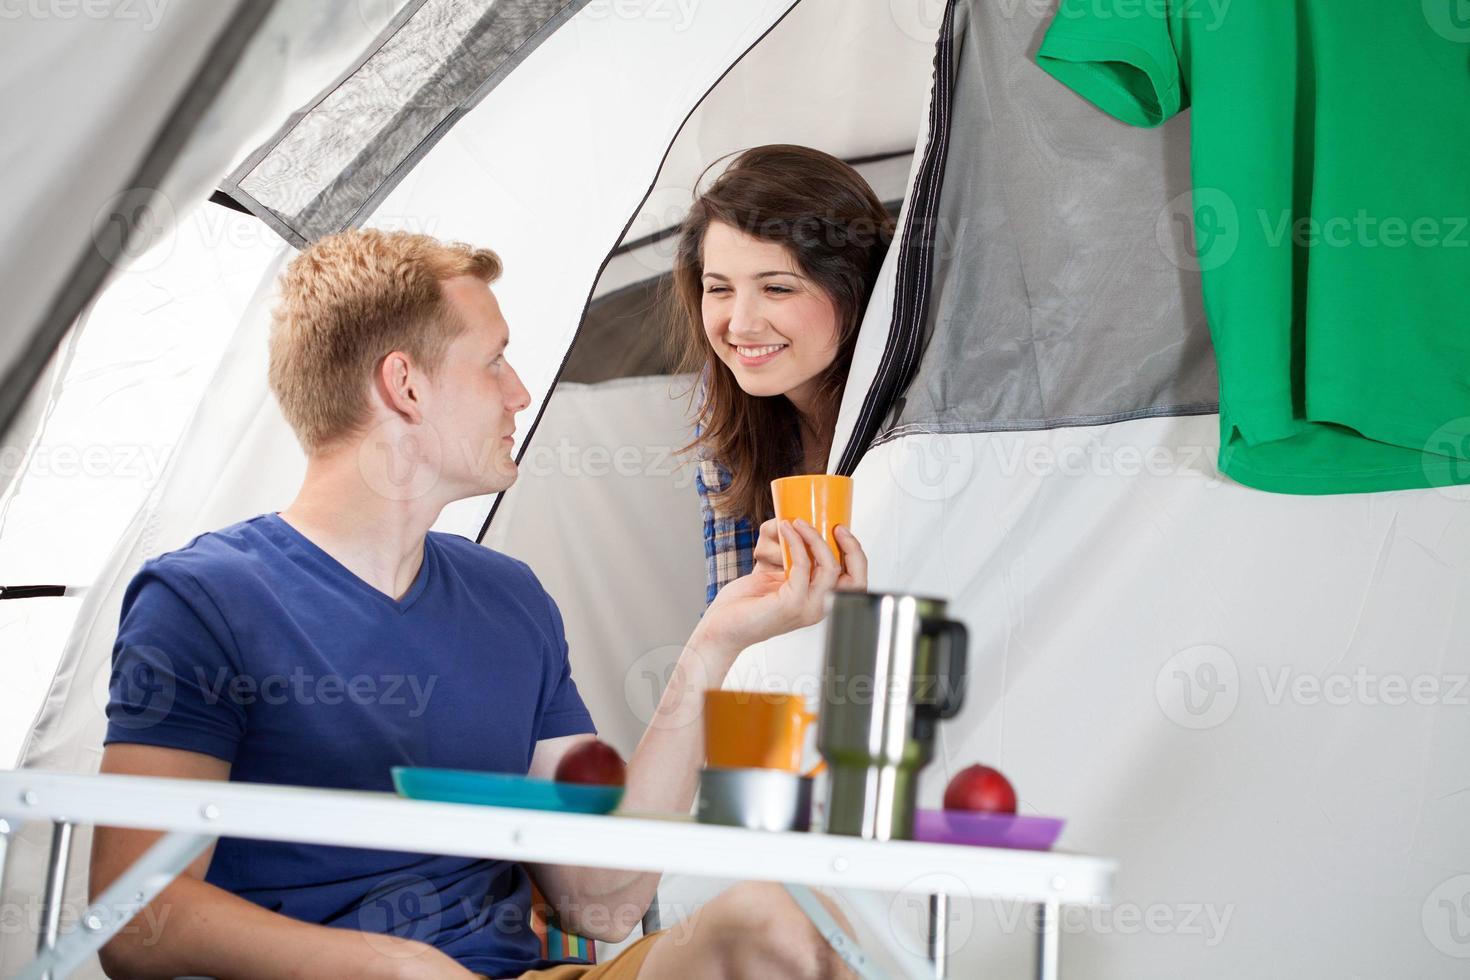 manhã em um acampamento foto